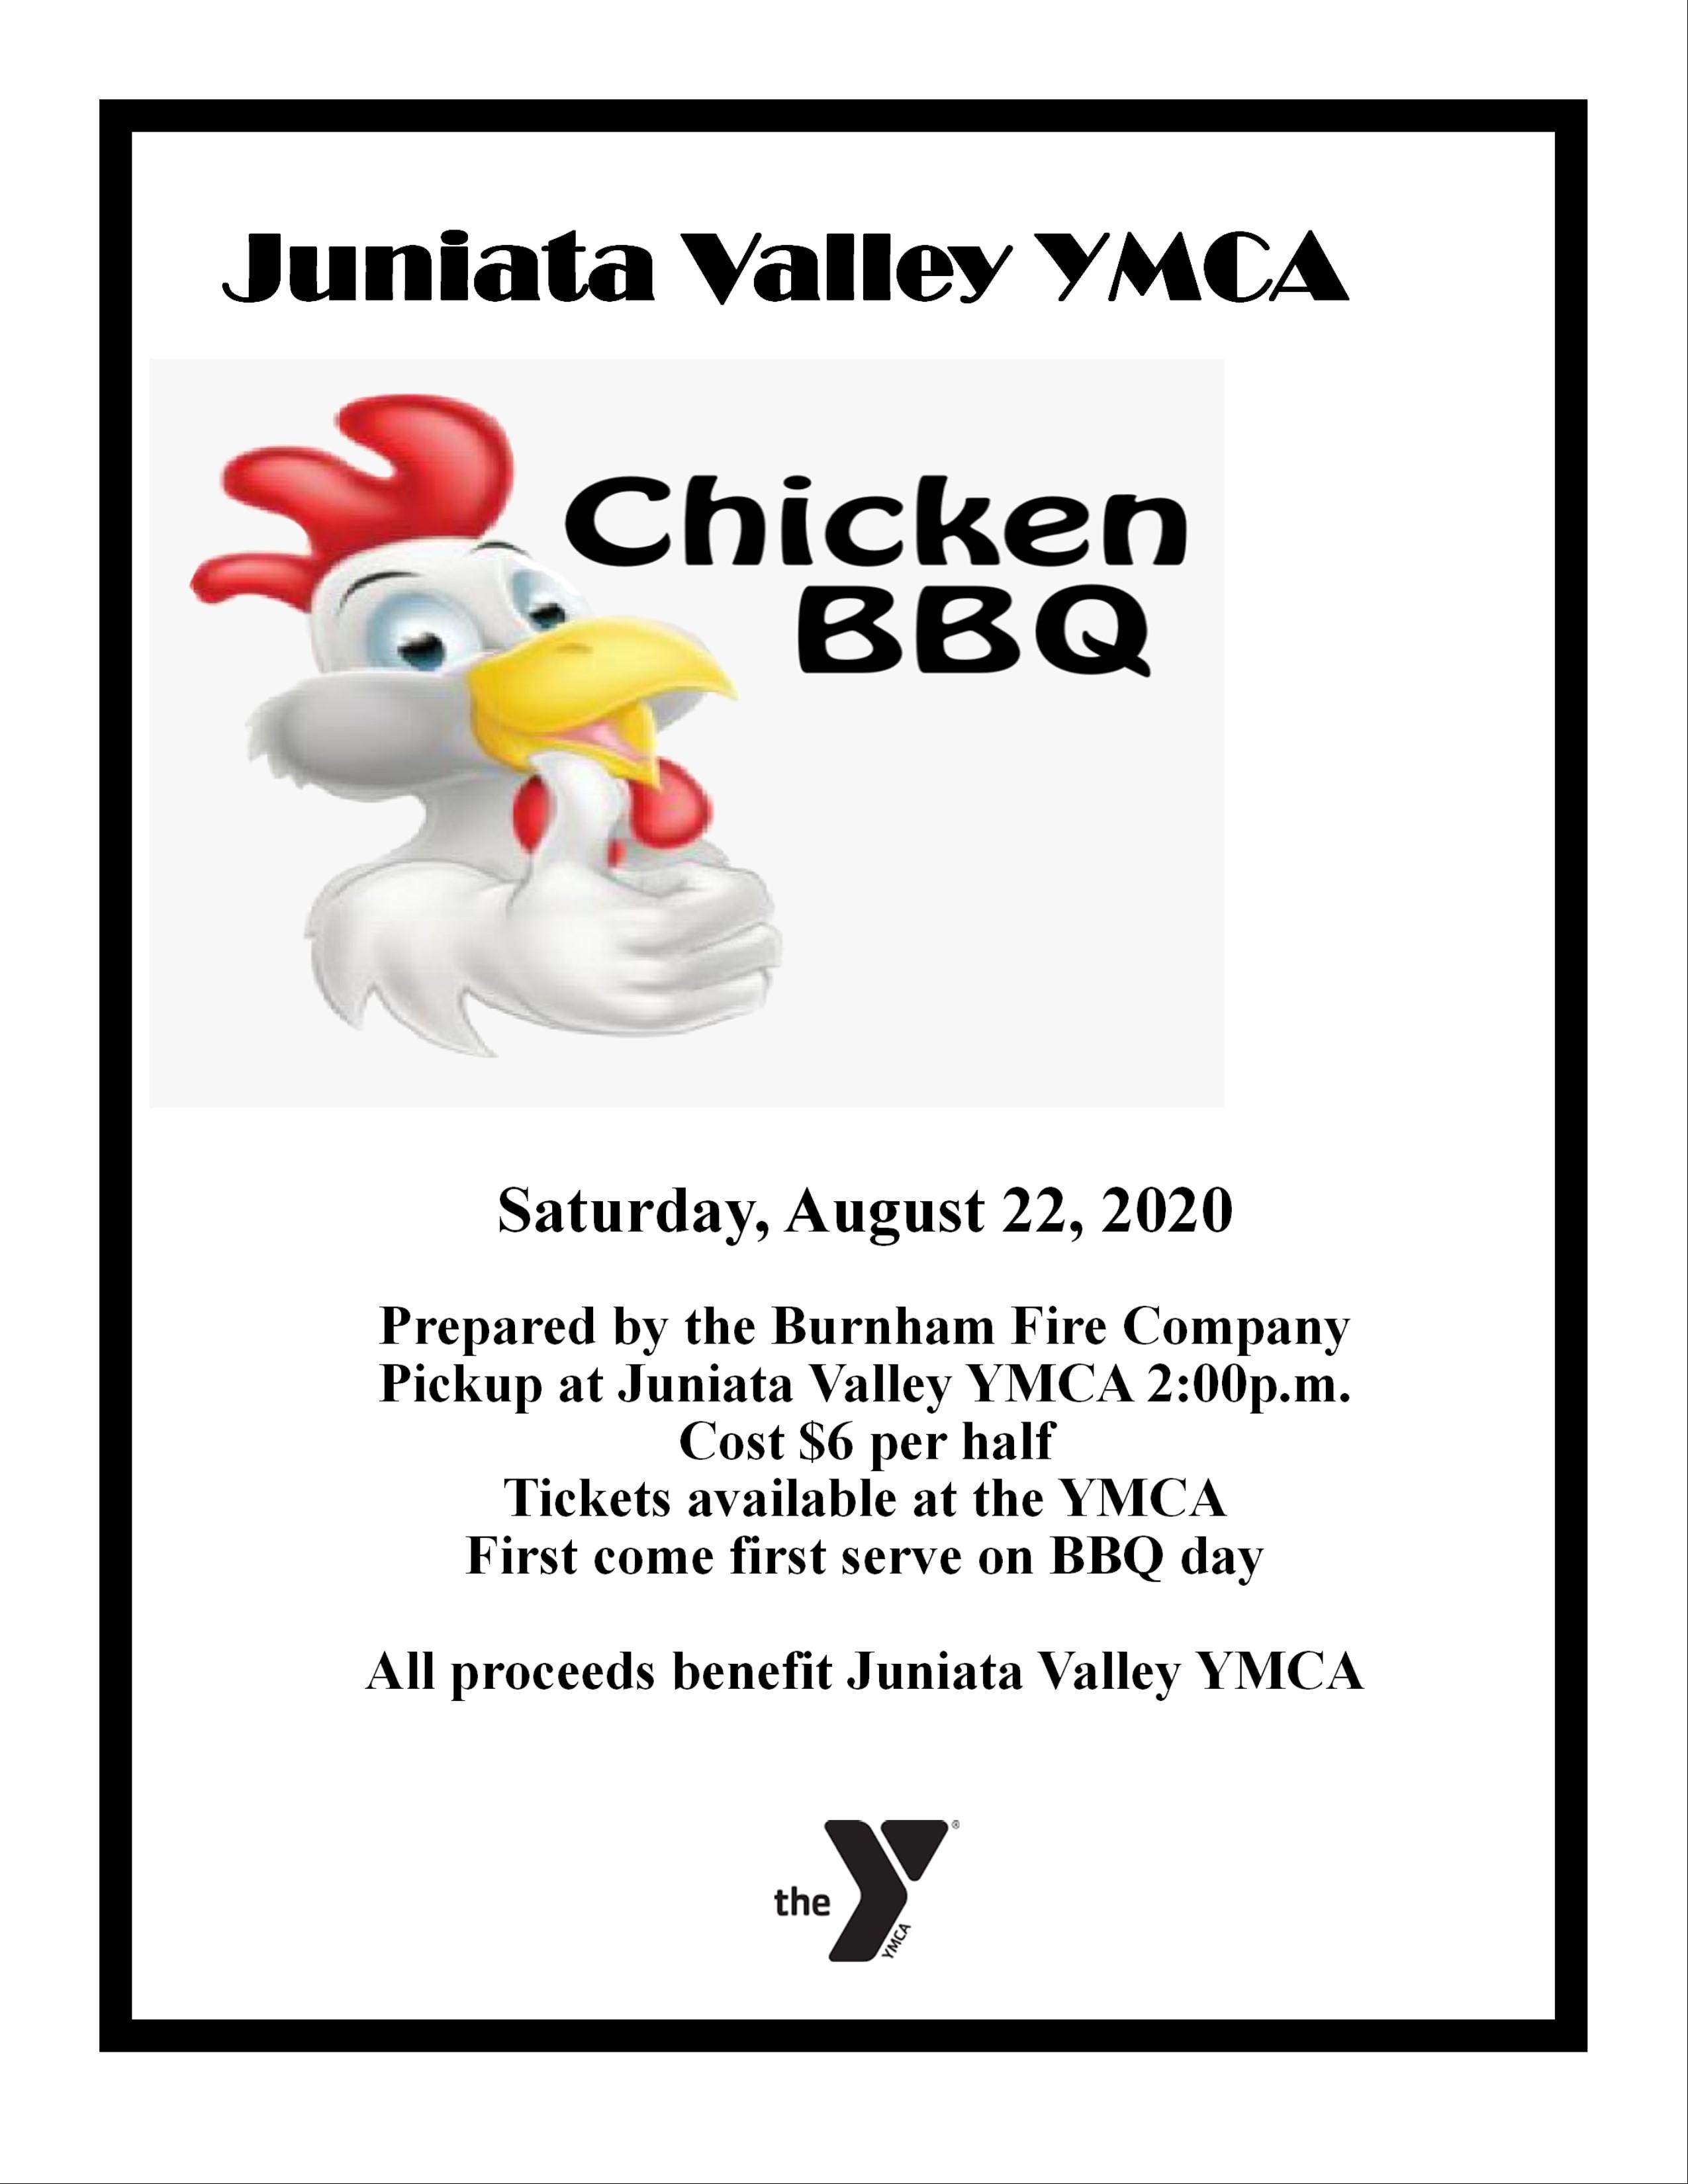 chicken bbq event jvymca